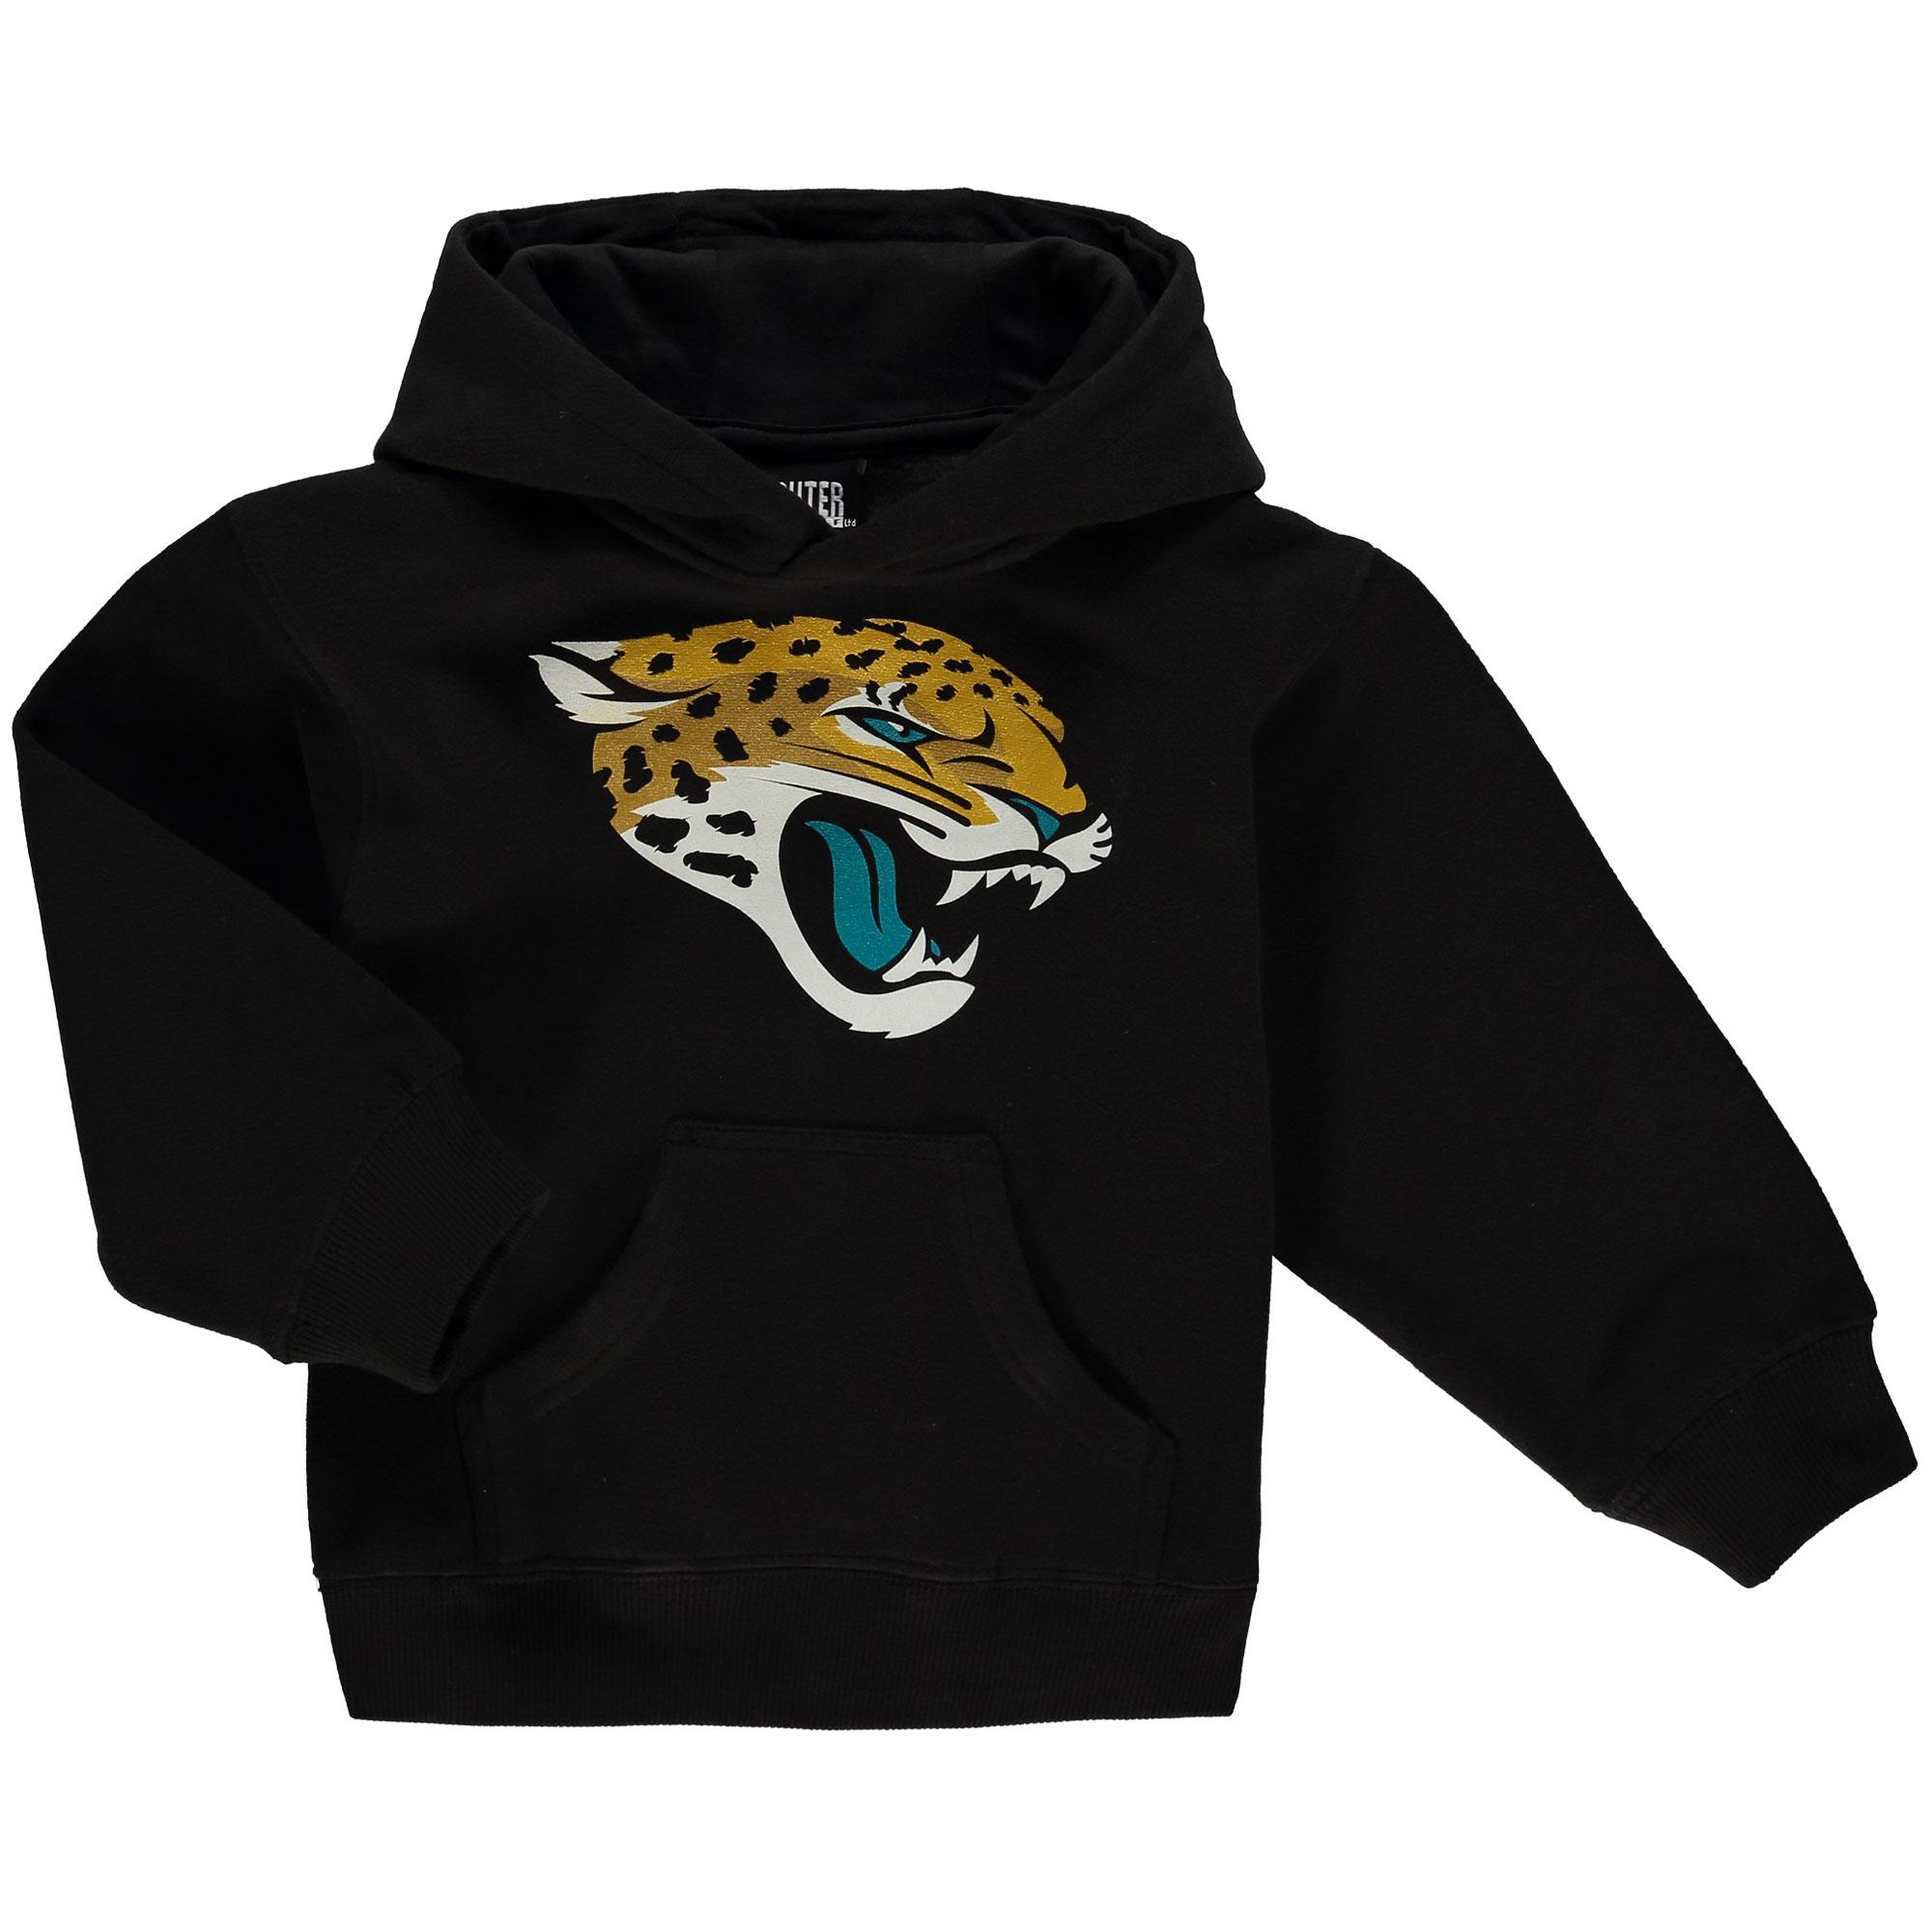 Jacksonville Jaguars Preschool Team Logo Pullover Hoodie - Black